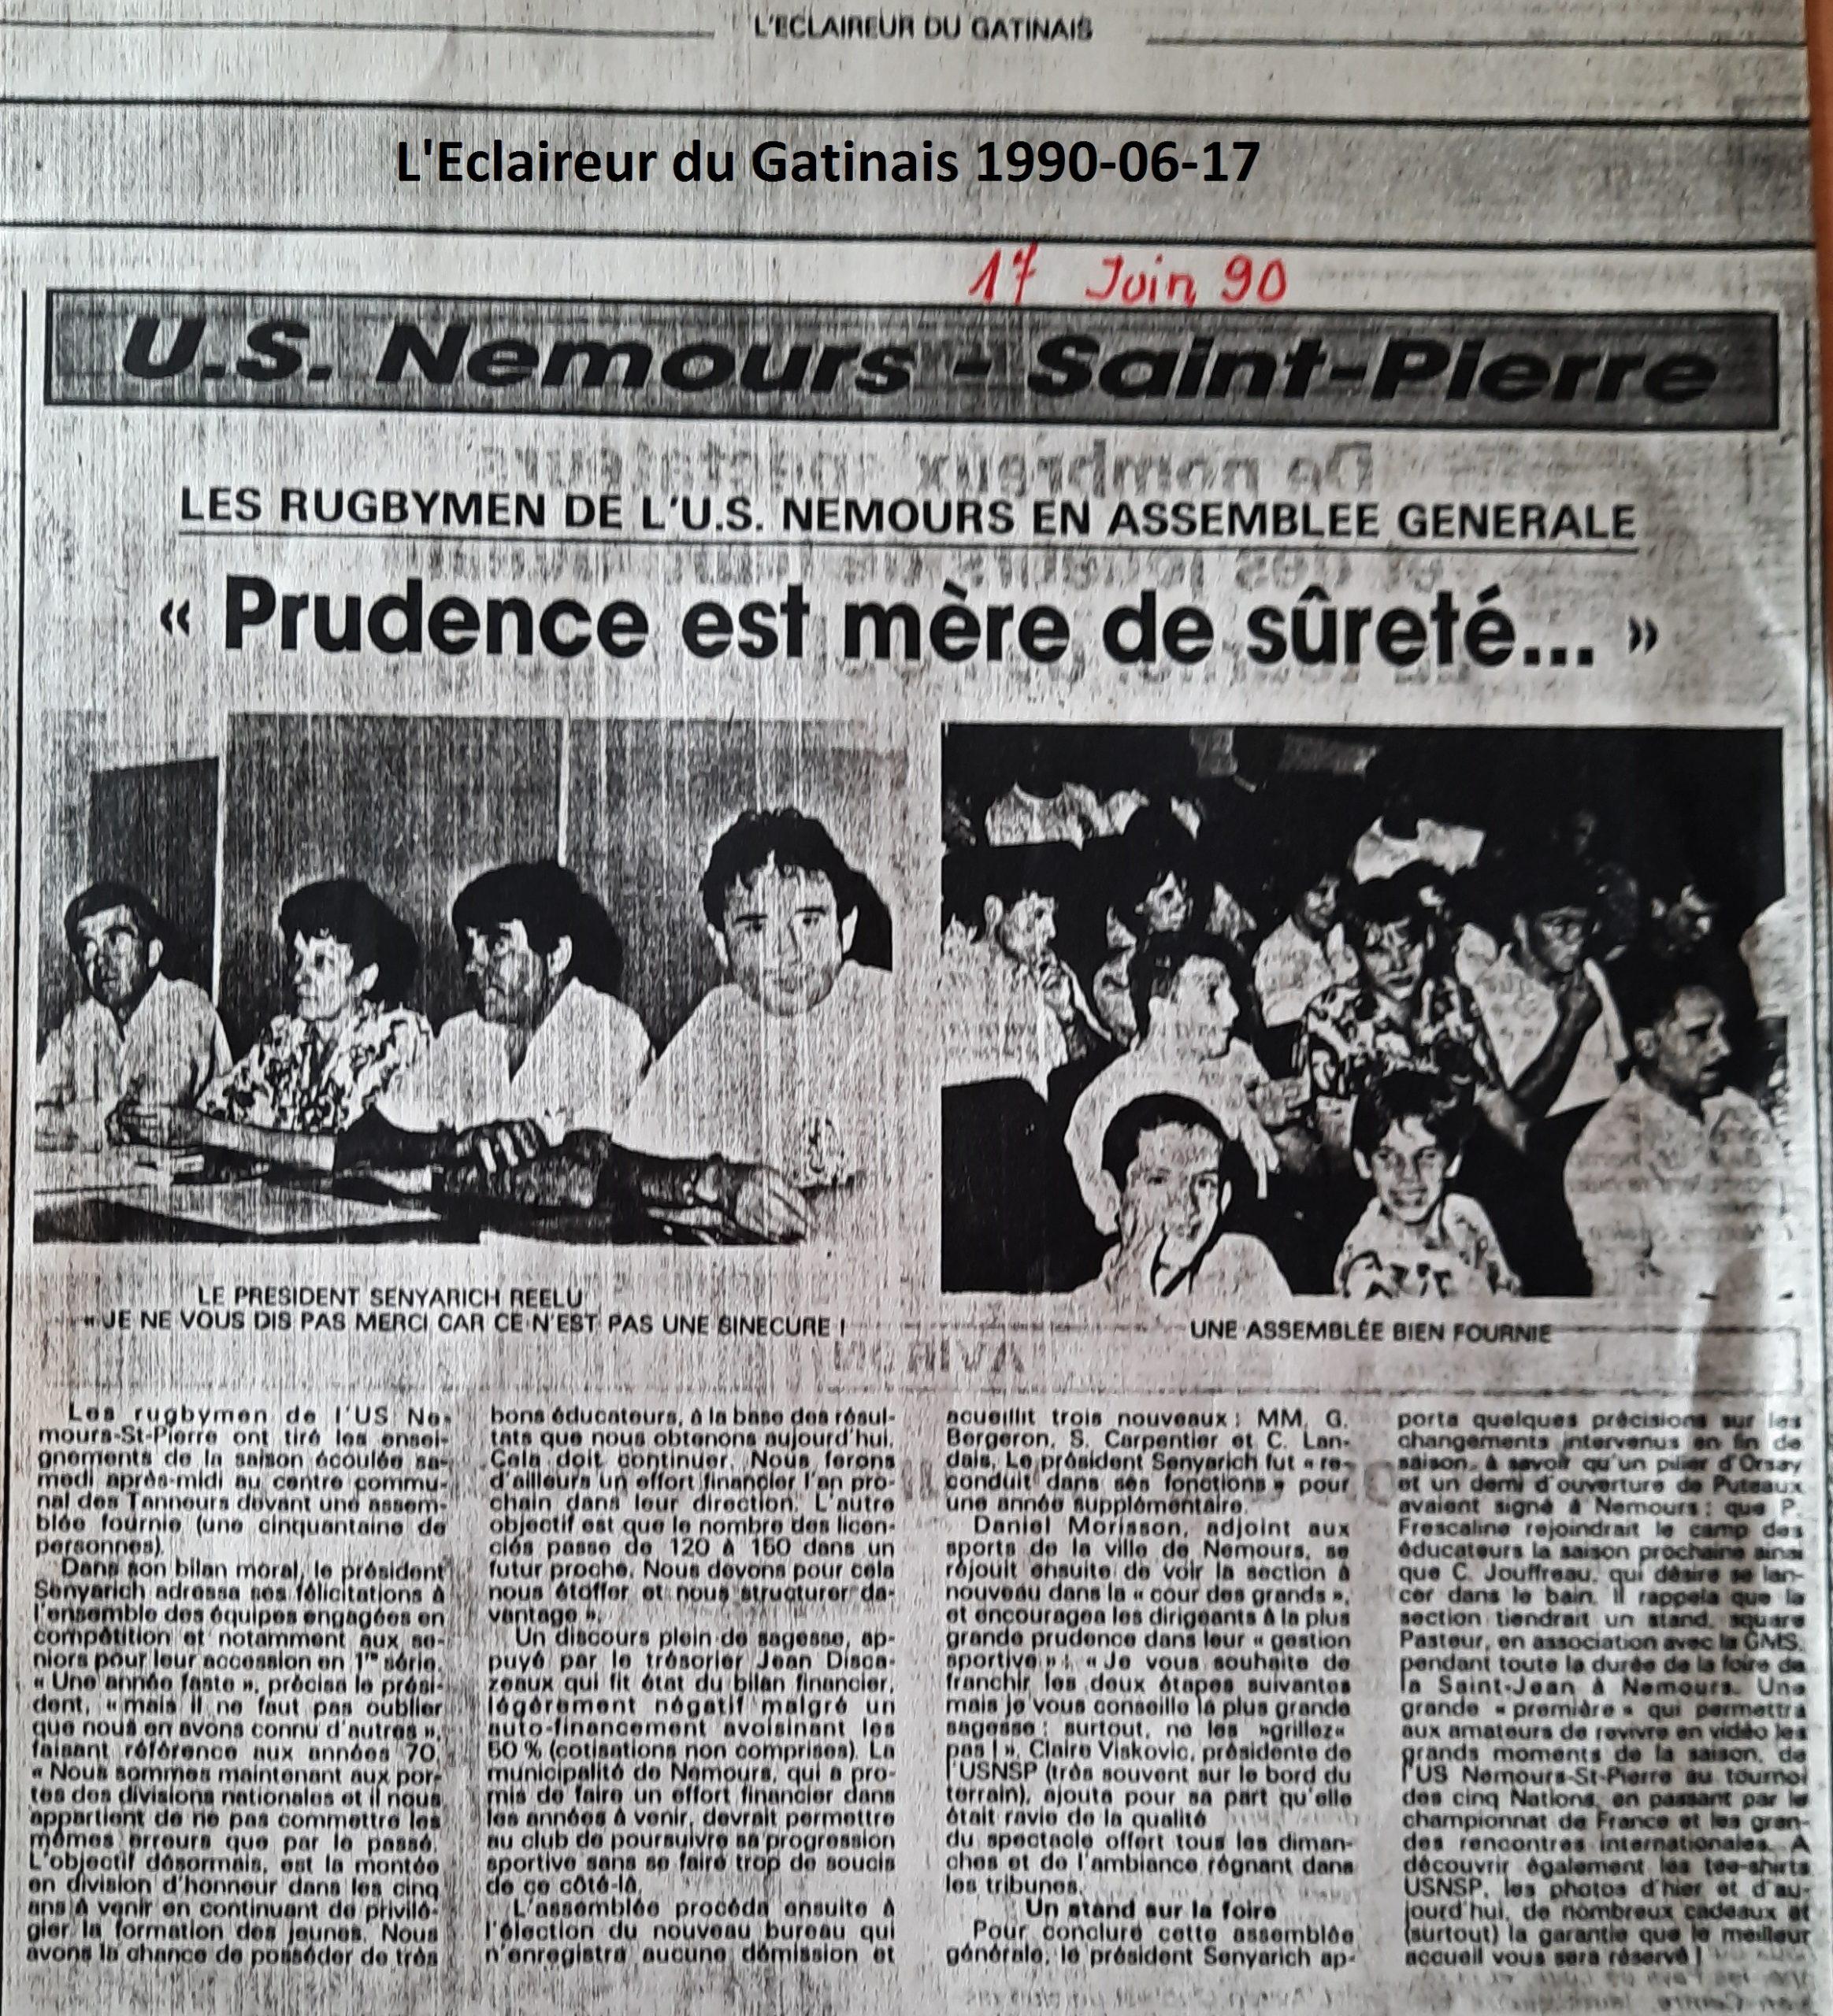 Eclaireur du Gâtinais 1990-06-17